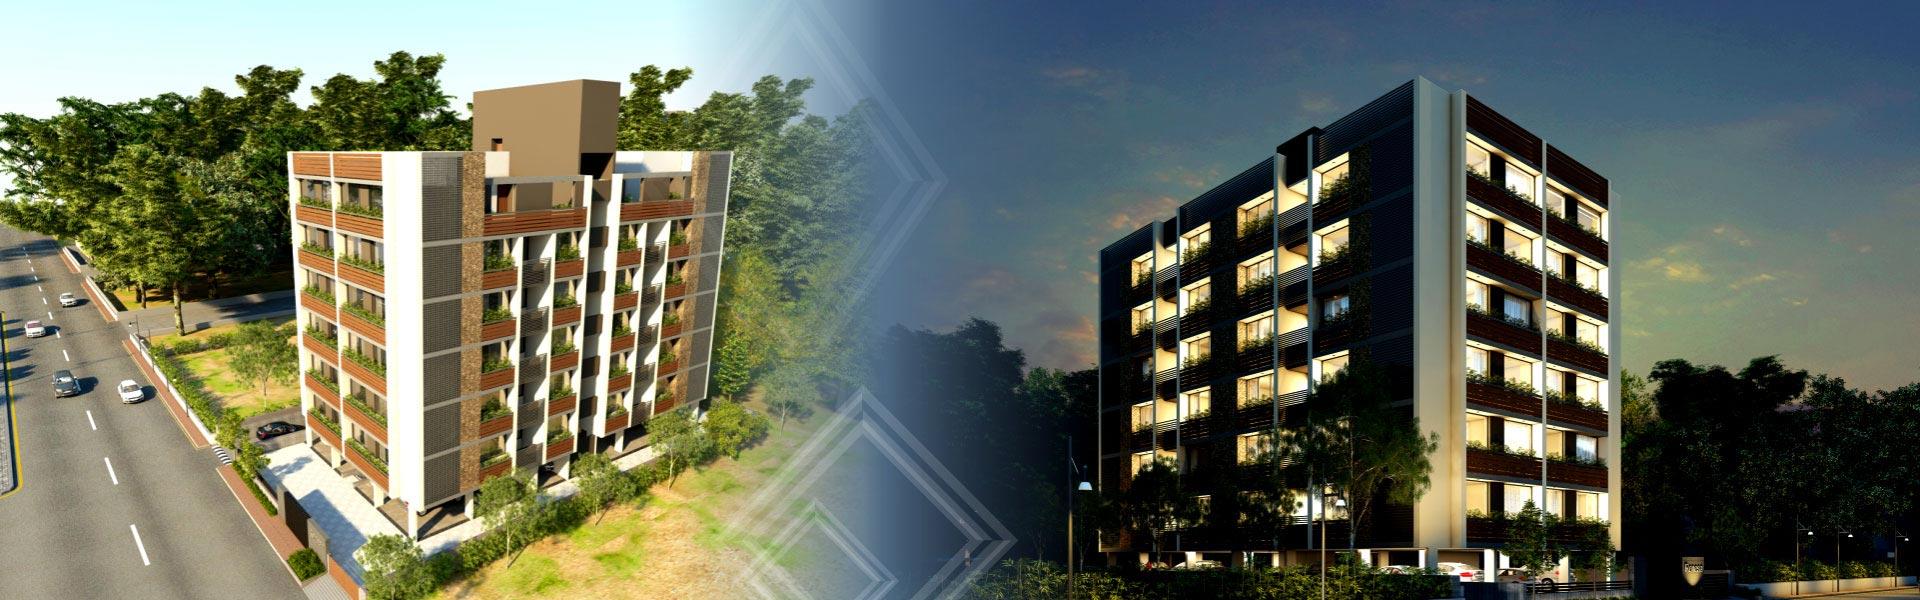 3_BHK_Dwellings_in_Ahmedabad_1